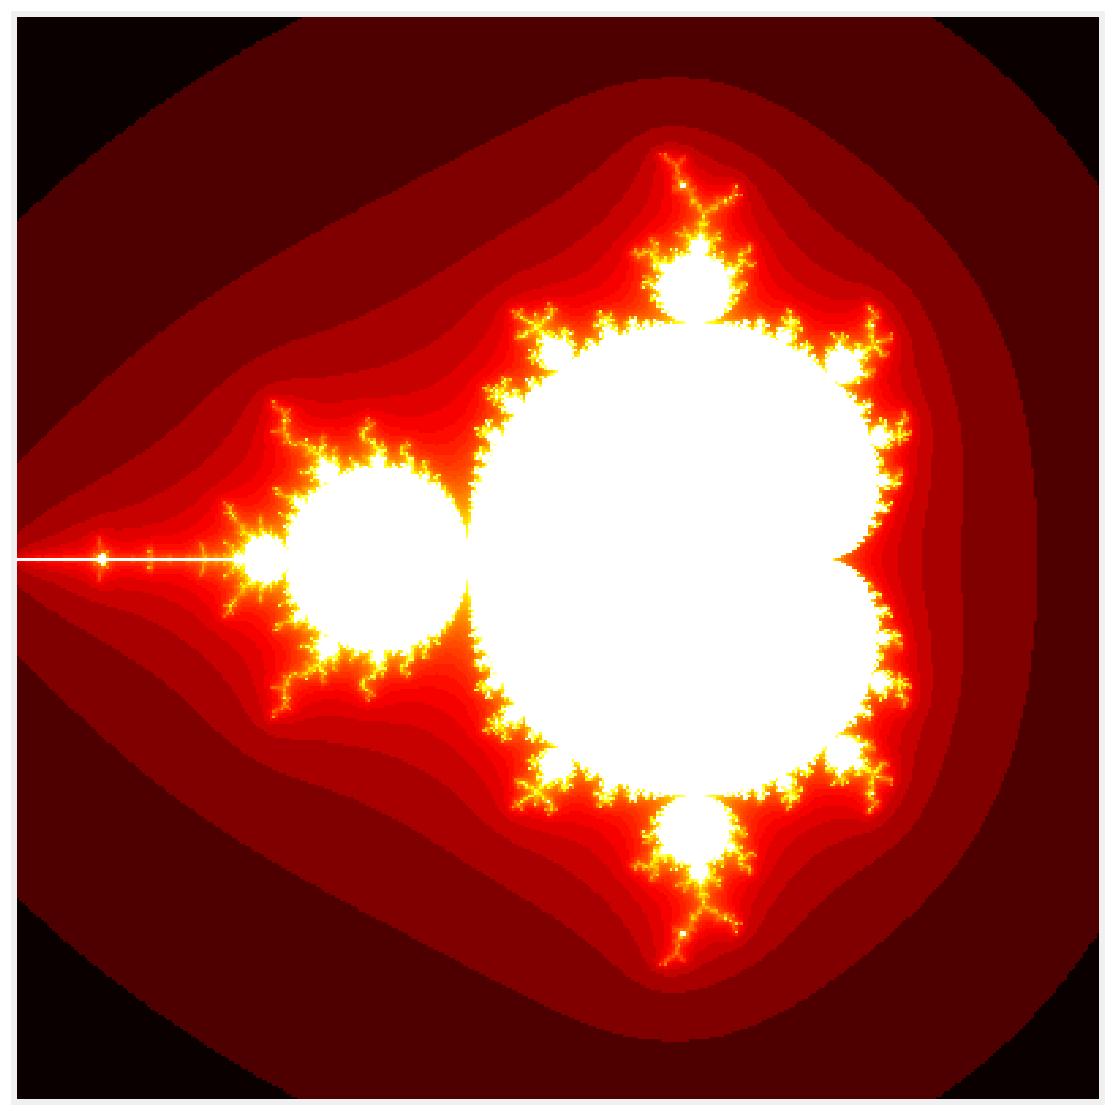 <matplotlib.figure.Figure at 0x7f6376b9b748>